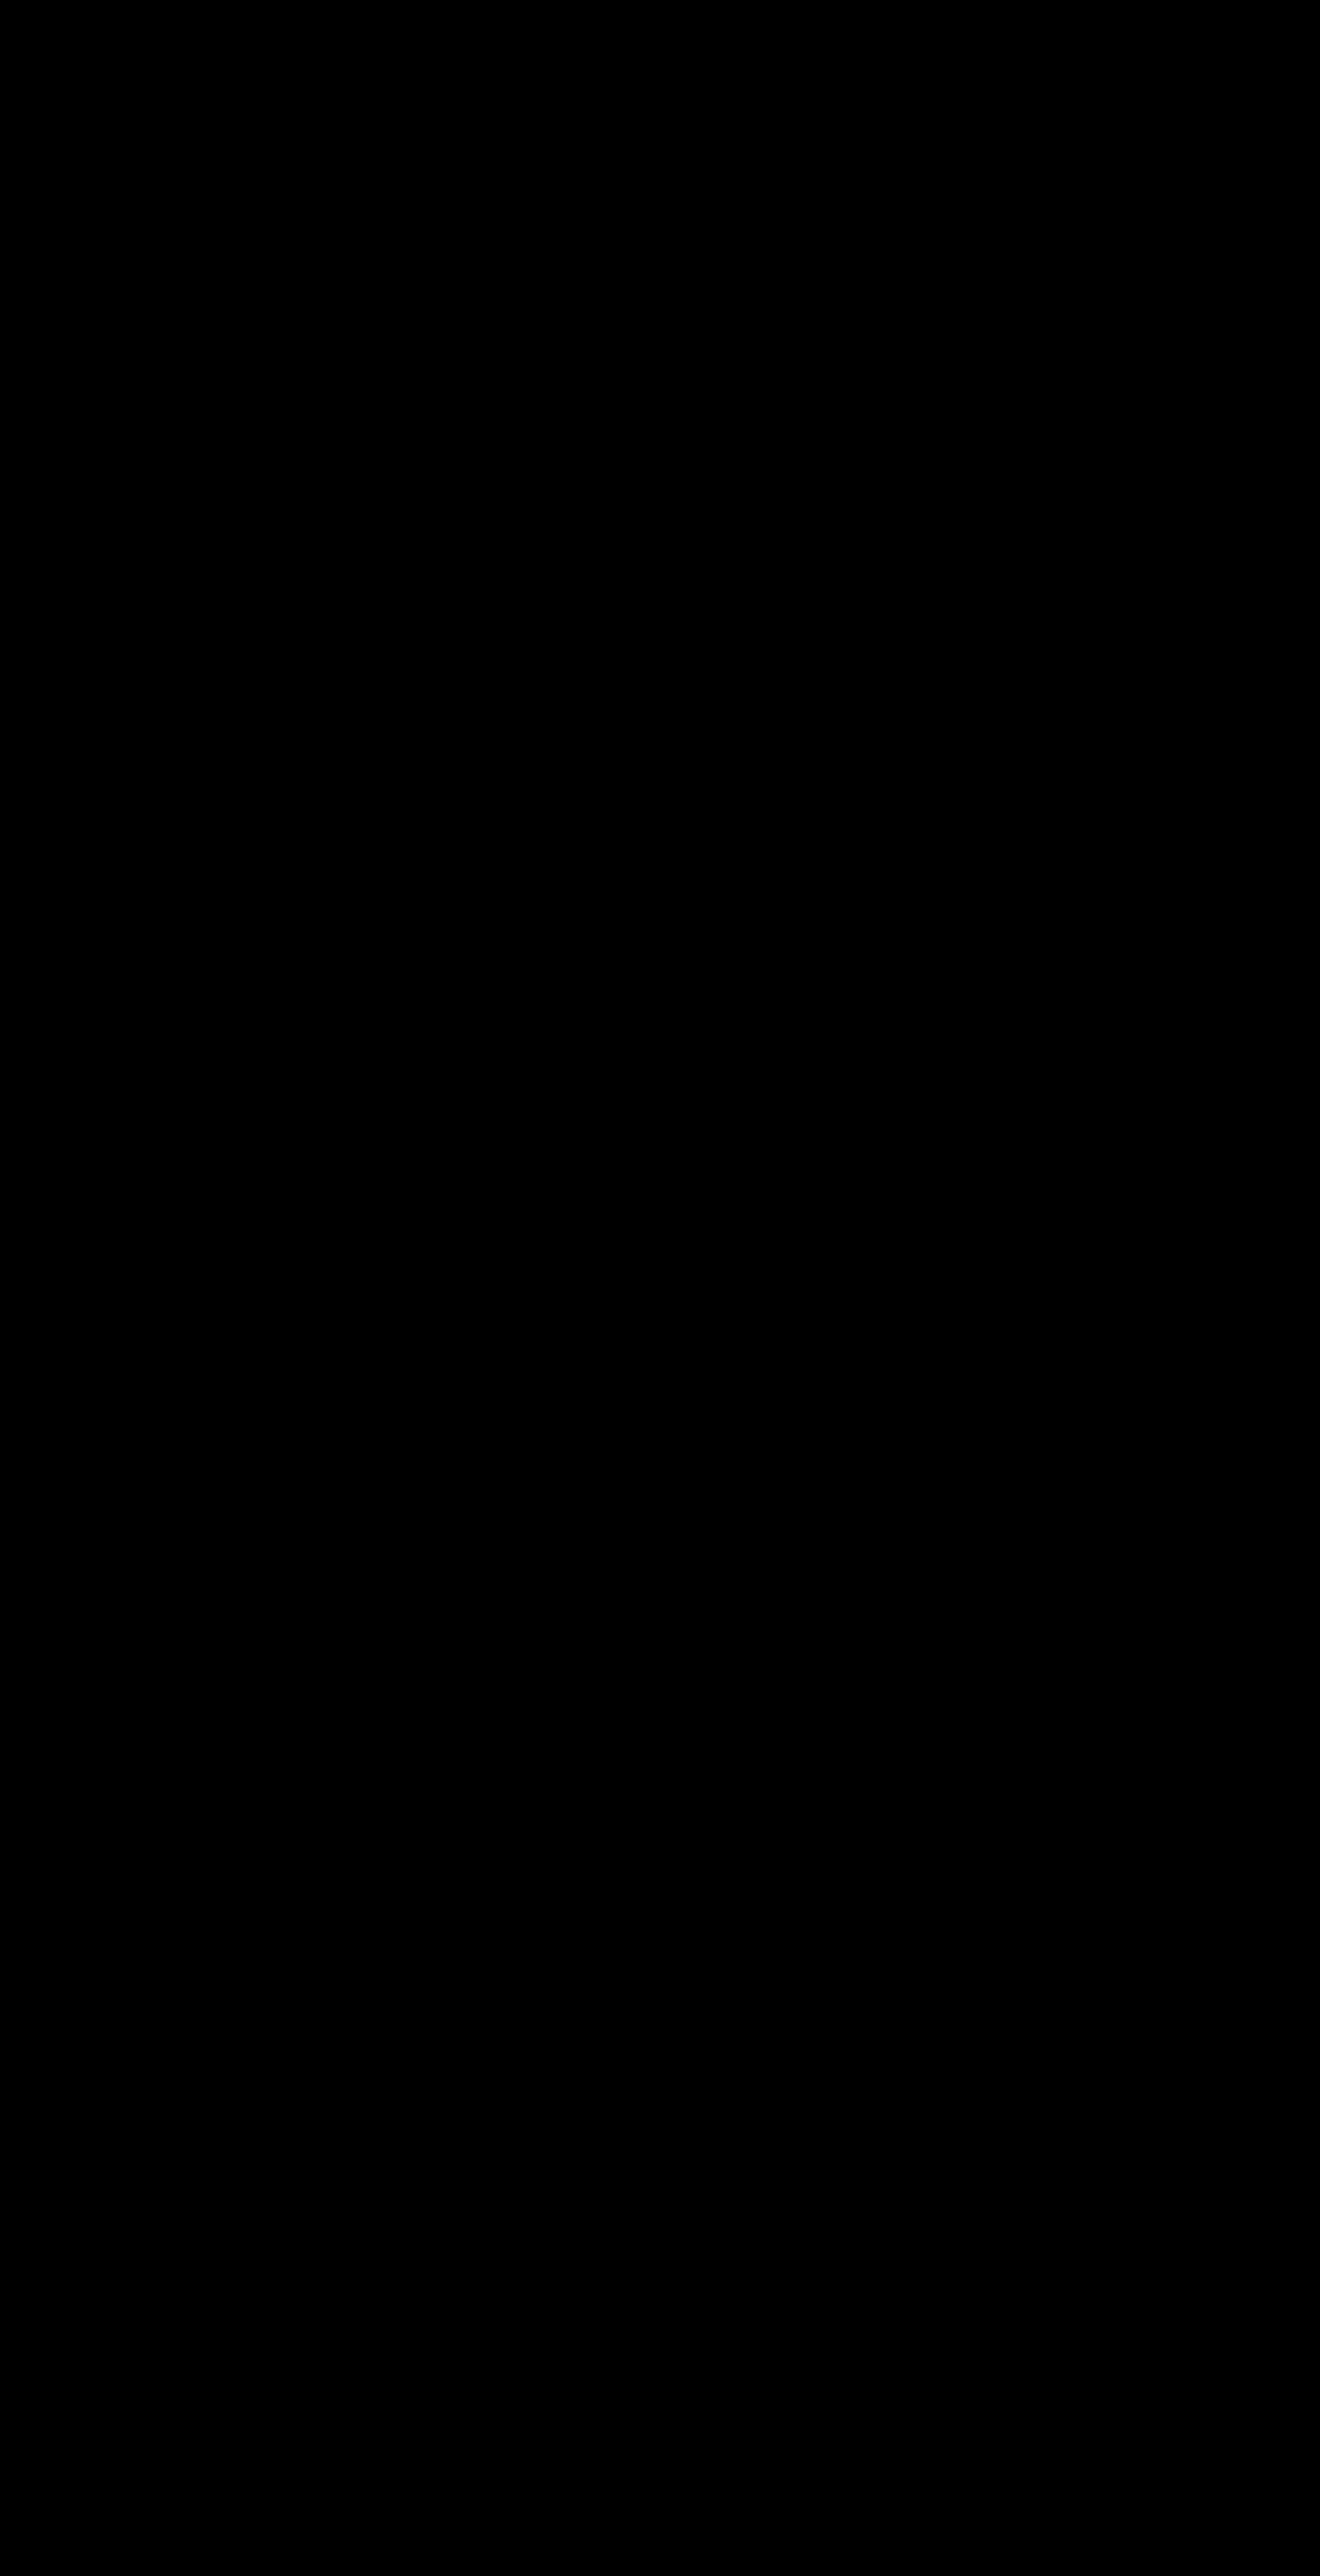 'Comprar al barri té premi', premia amb 37 experiències culturals, gastronòmiques i de lleure per tot Catalunya